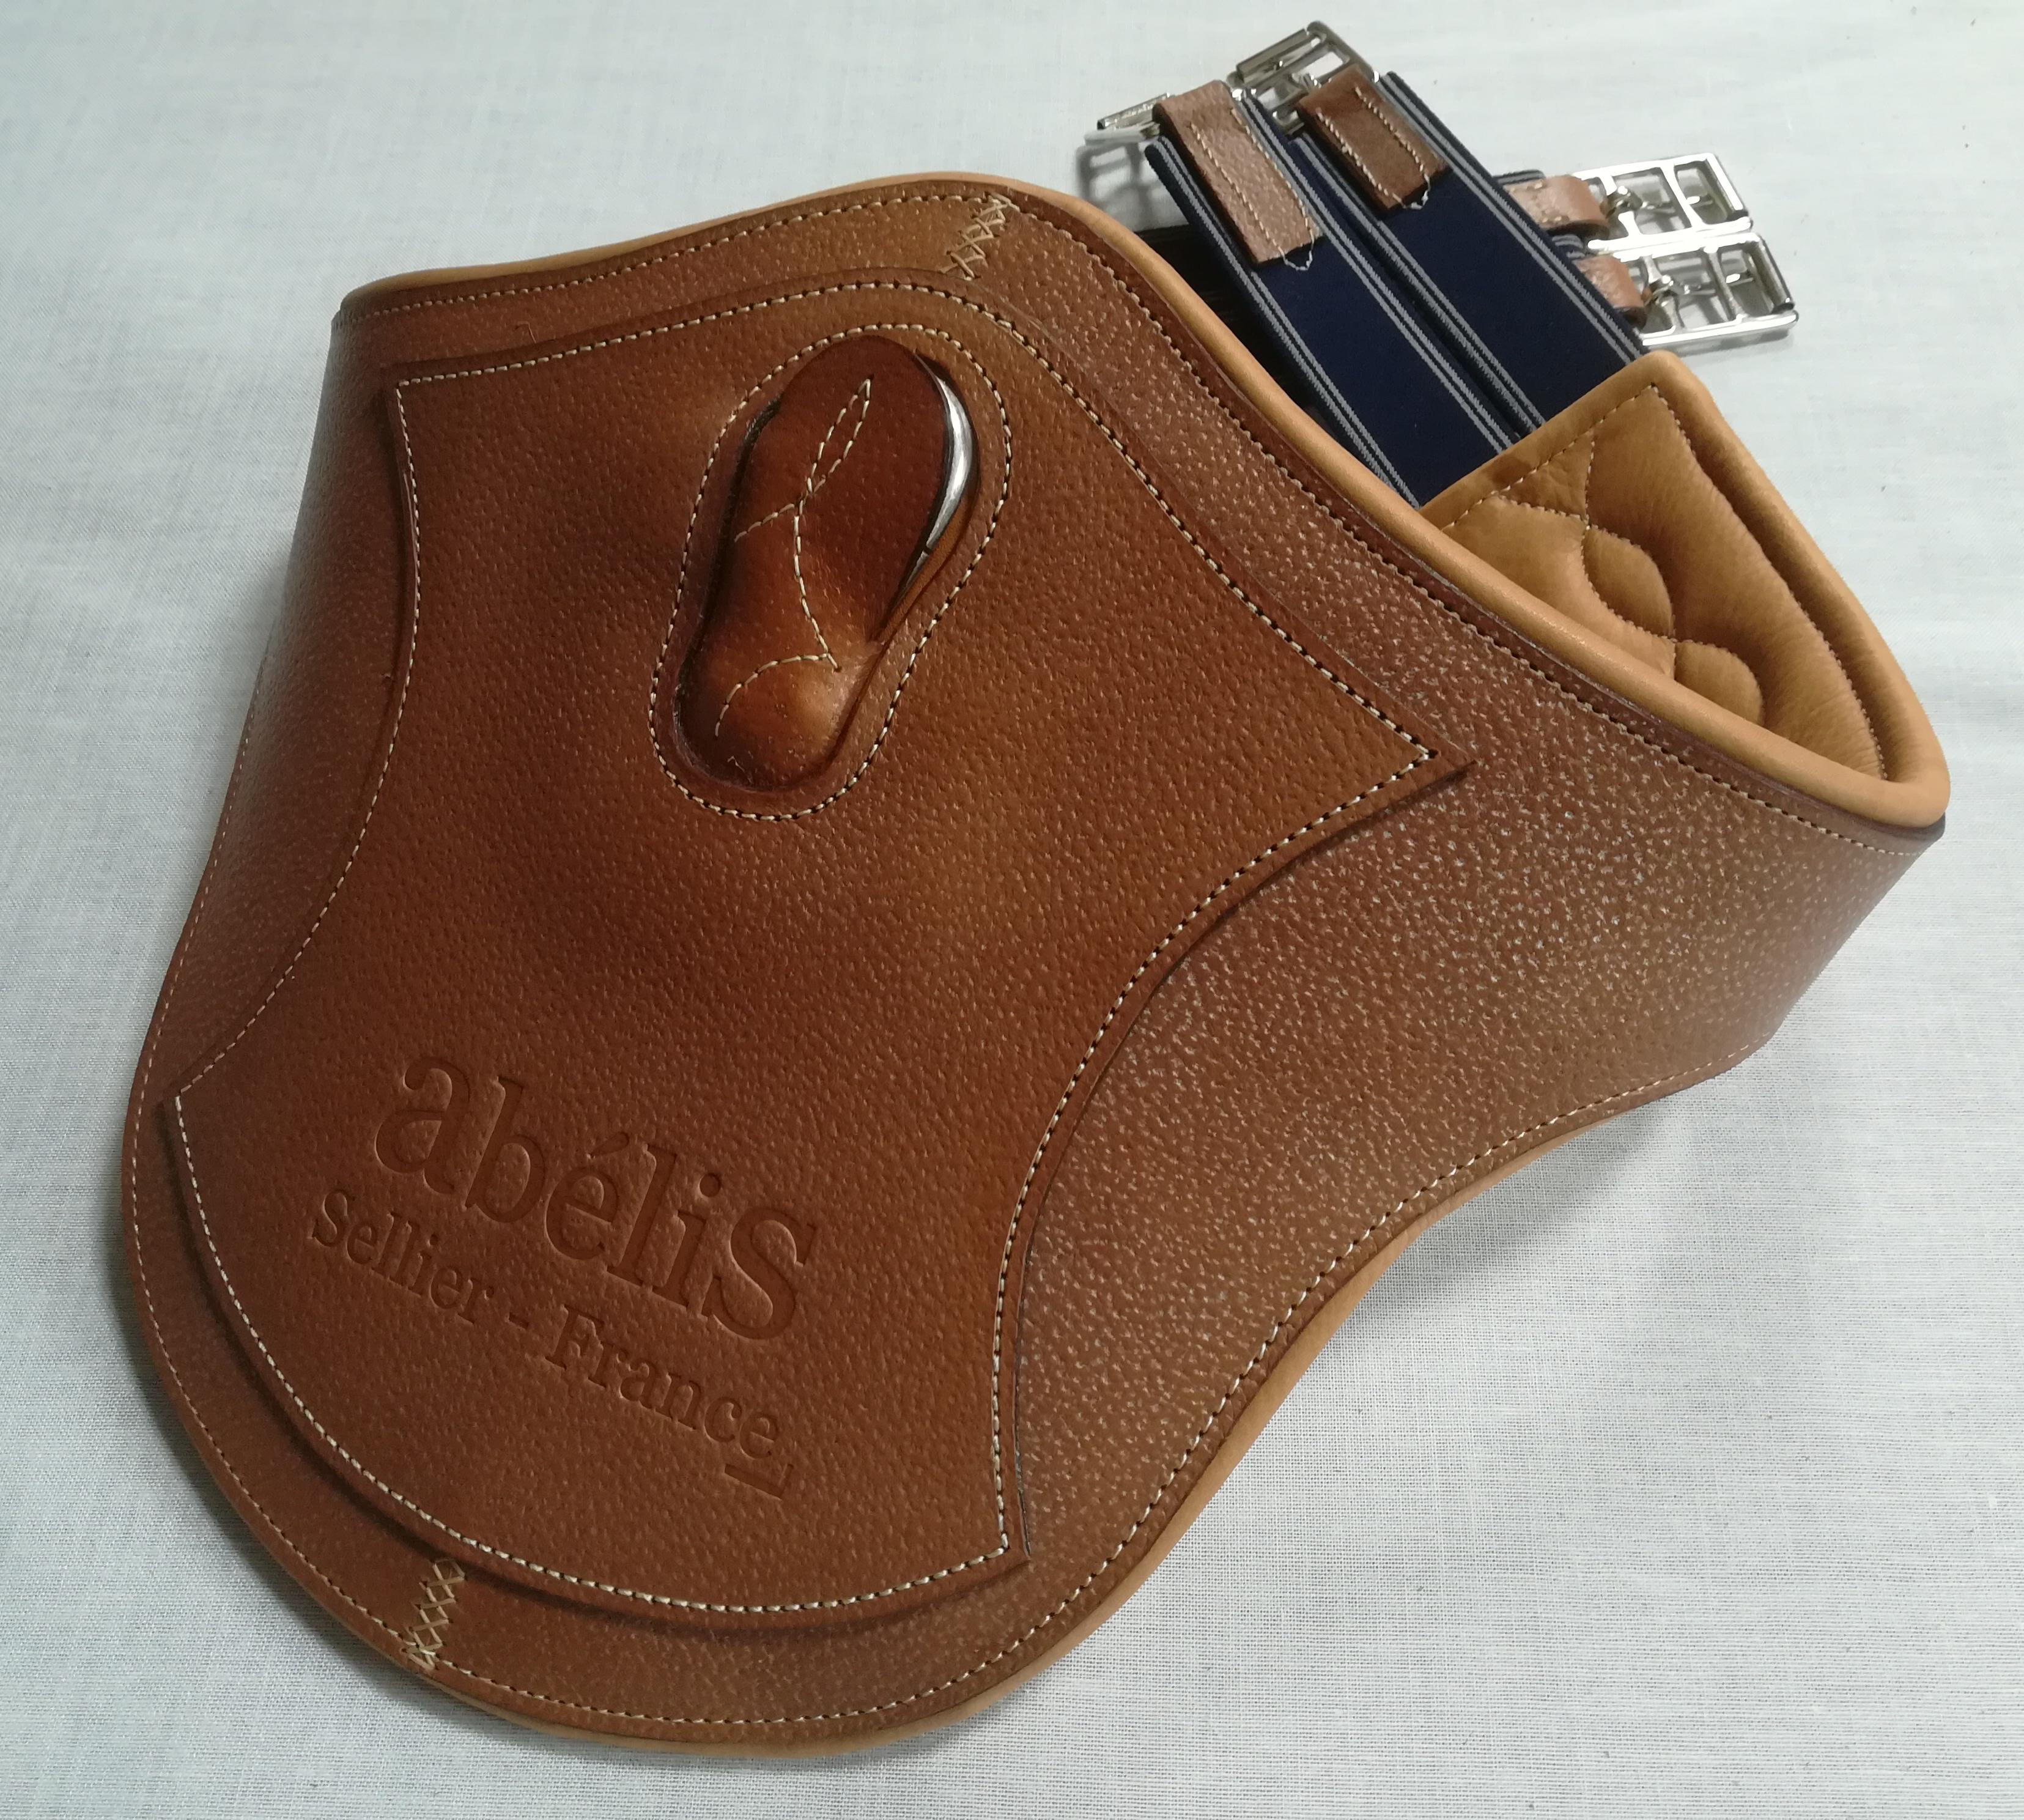 Accessoires équitation en cuir : la sangle bavette X confort par Abélis Sellier votre maitre artisans sellier